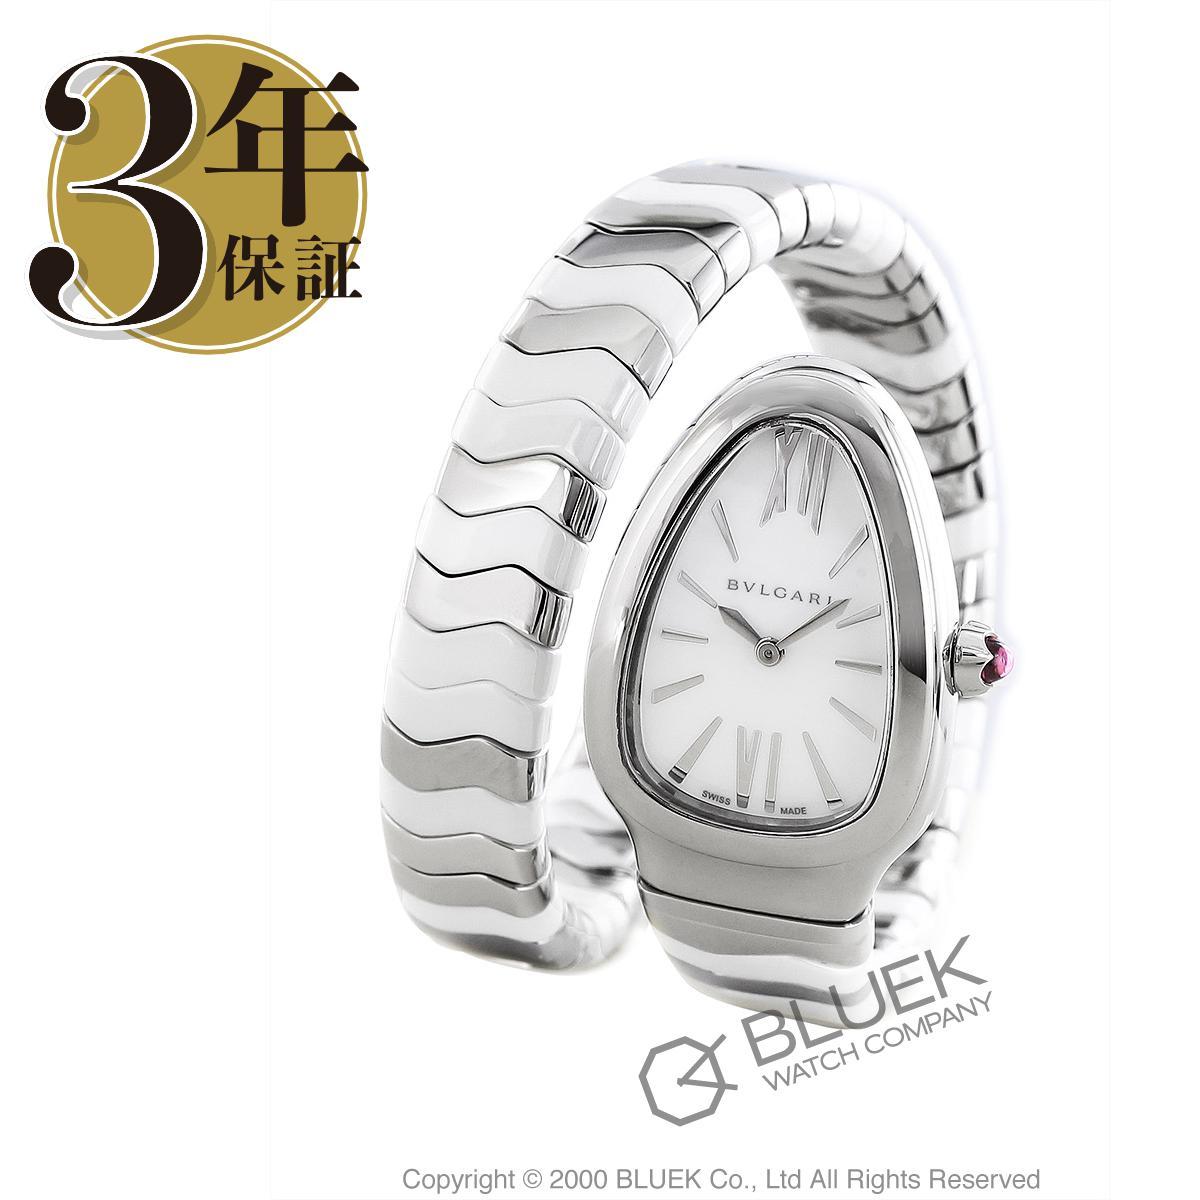 ブルガリ セルペンティ スピガ 腕時計 レディース BVLGARI SP35WSWCS.1T_3